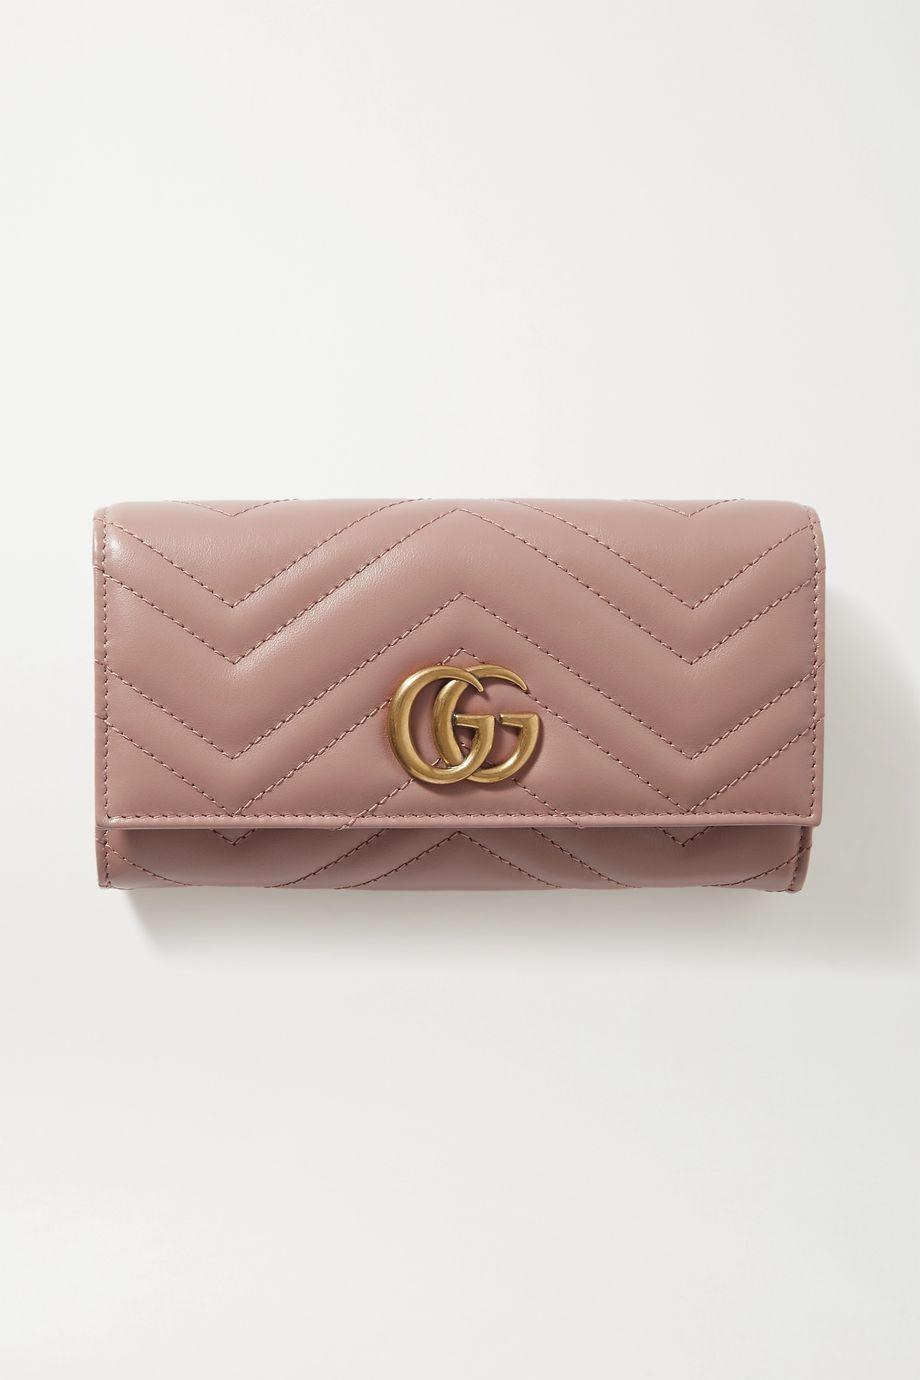 Gucci Portefeuille en cuir matelassé GG Marmont